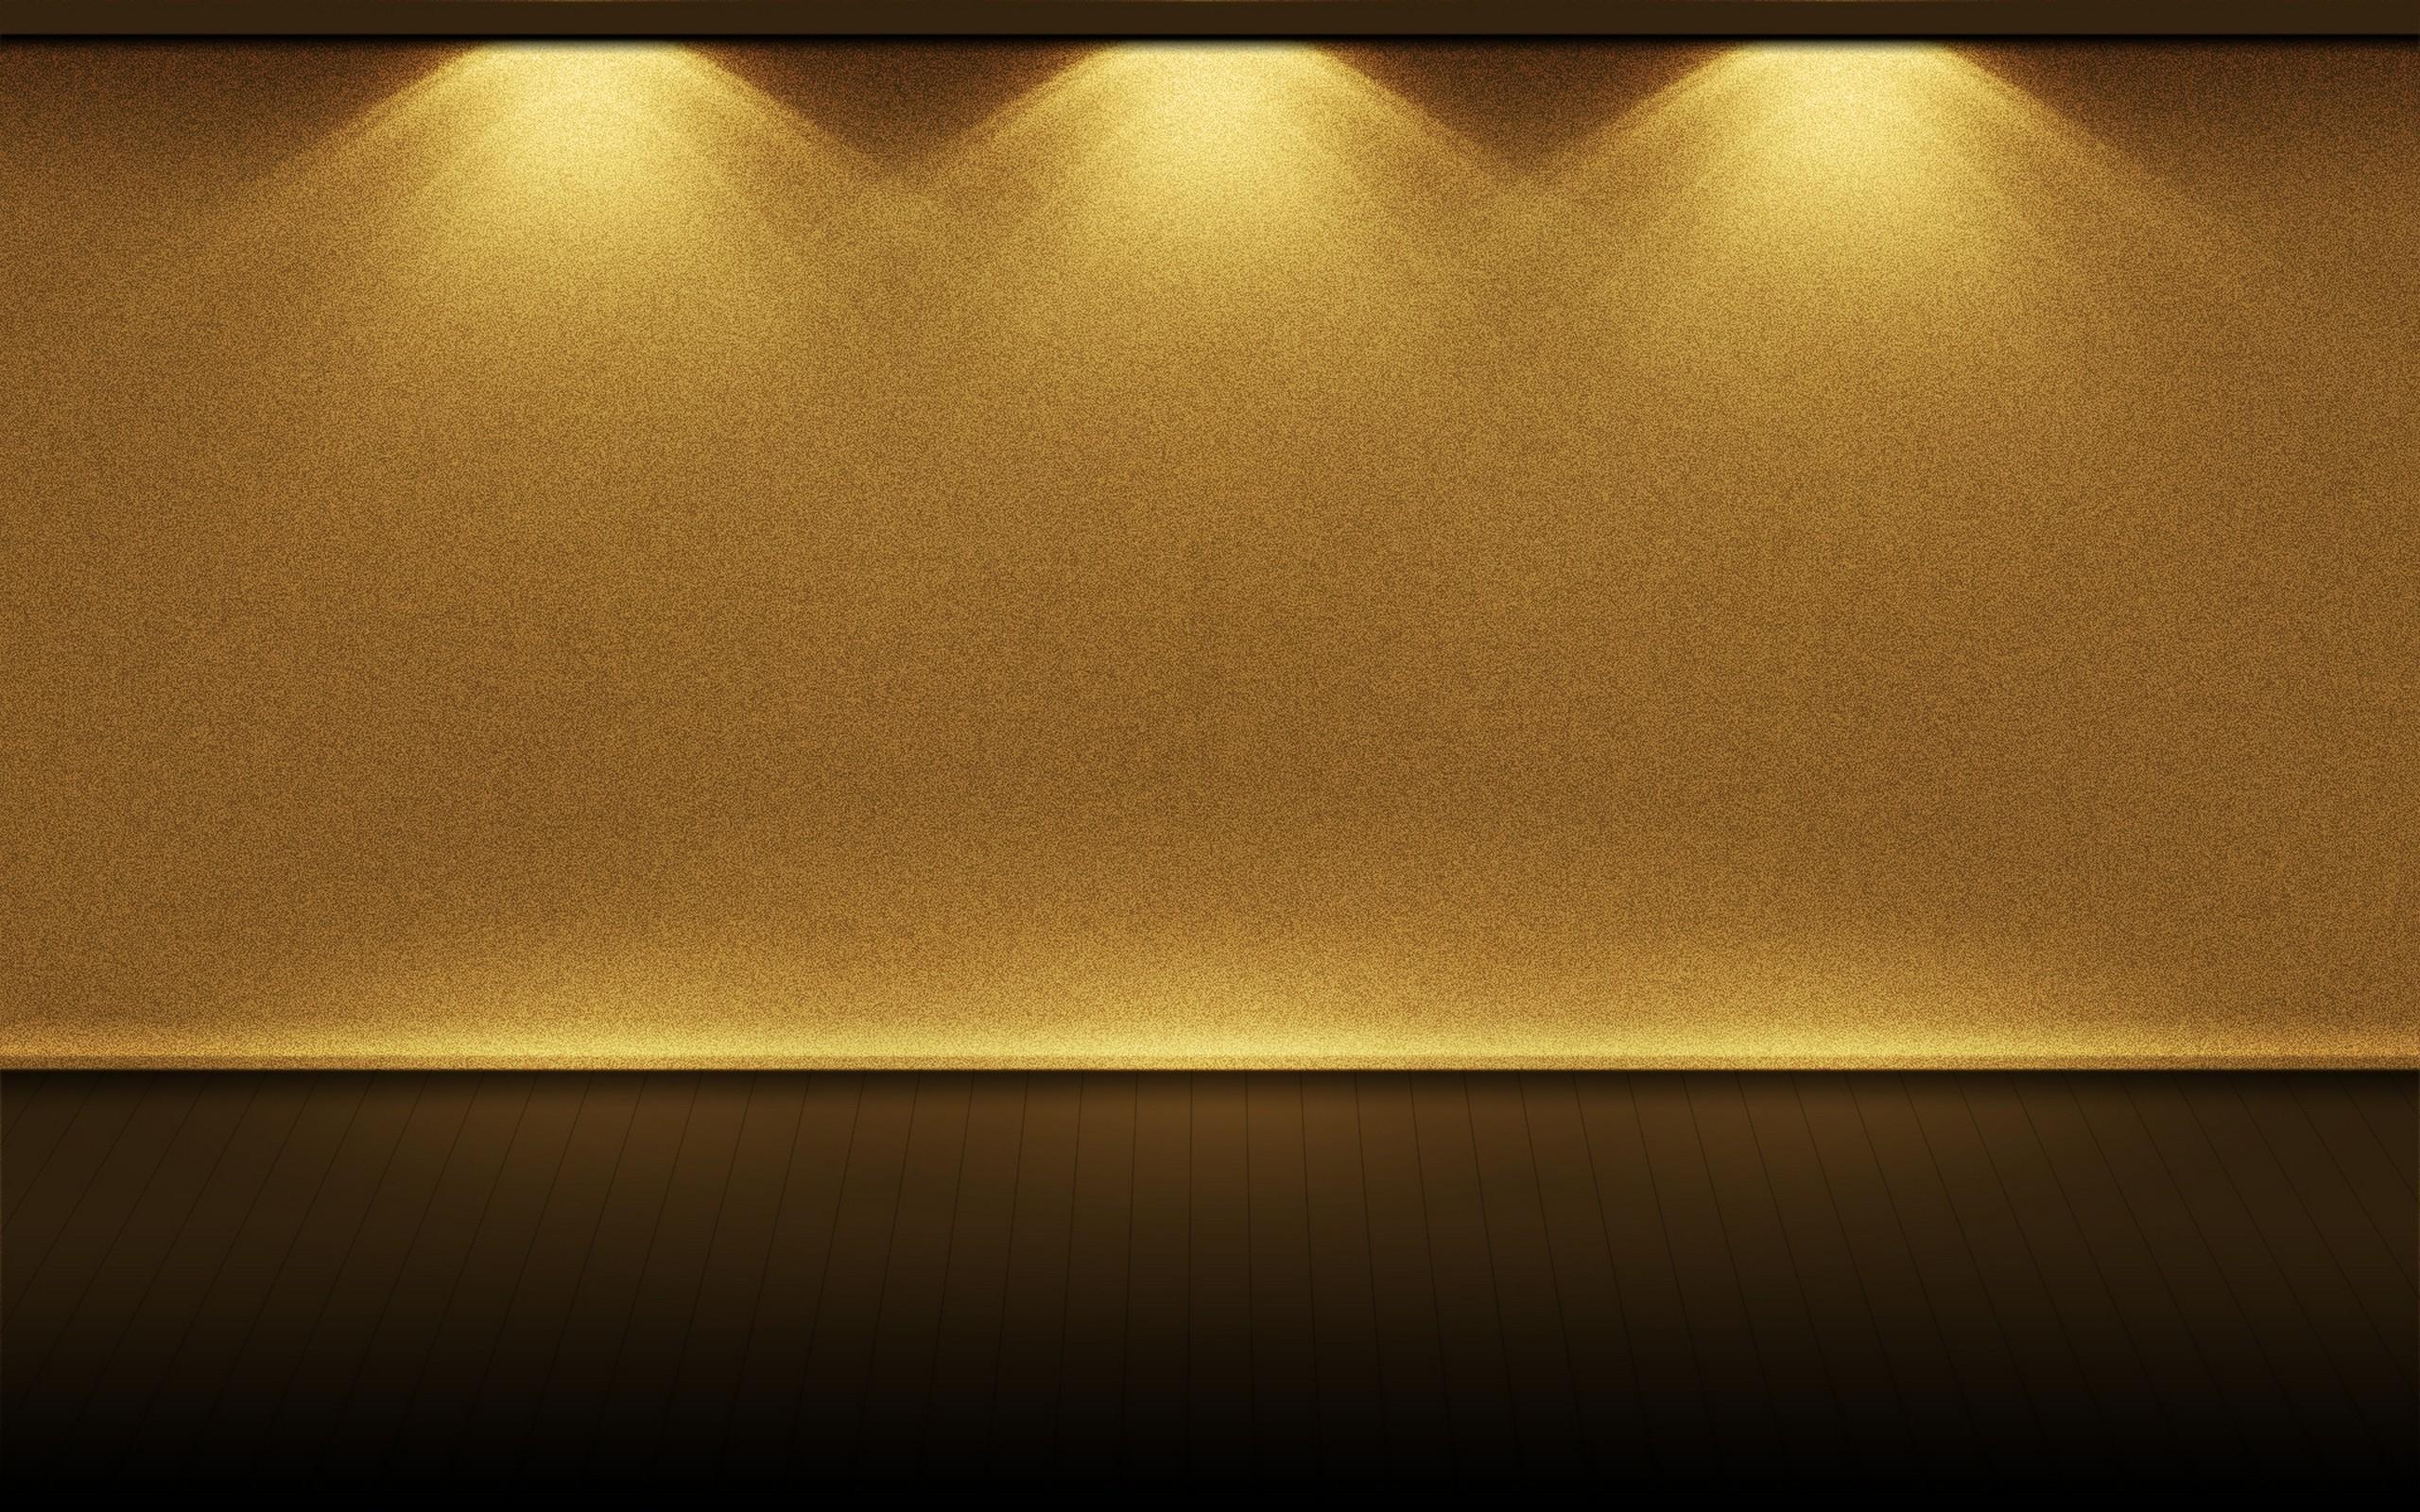 download next wallpaper prev wallpaper